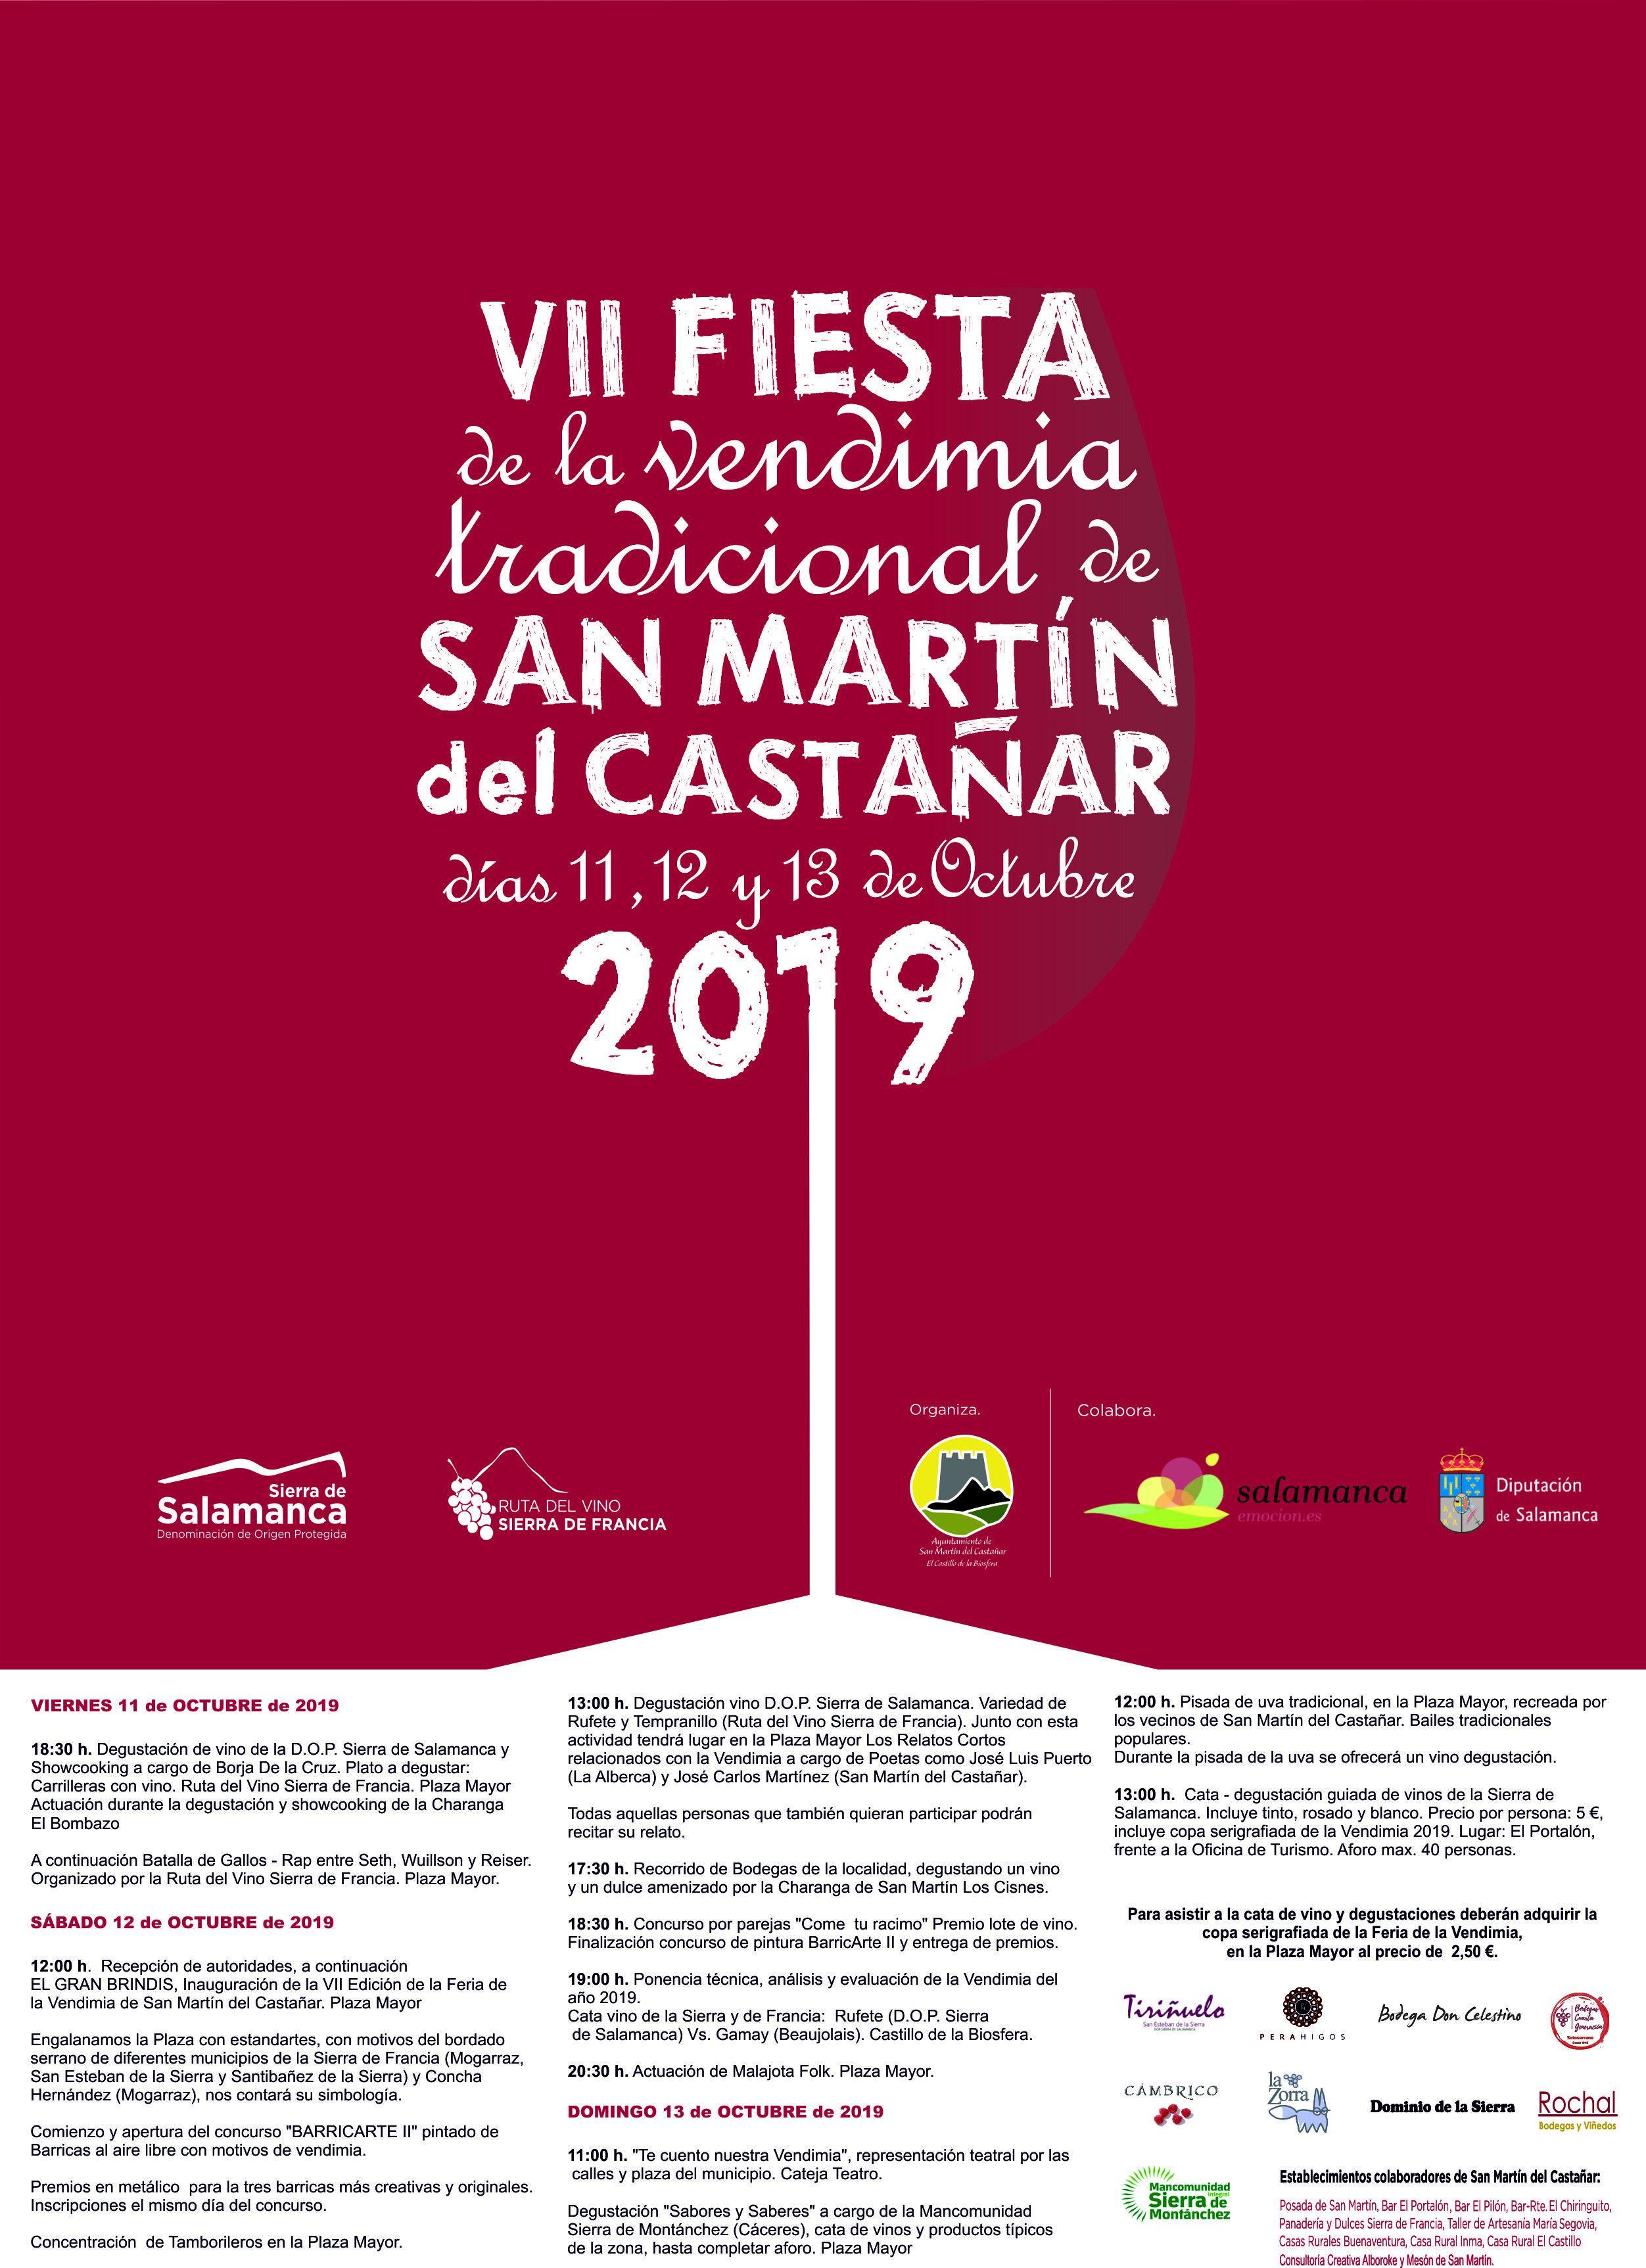 VII Feria Vendimia 2019